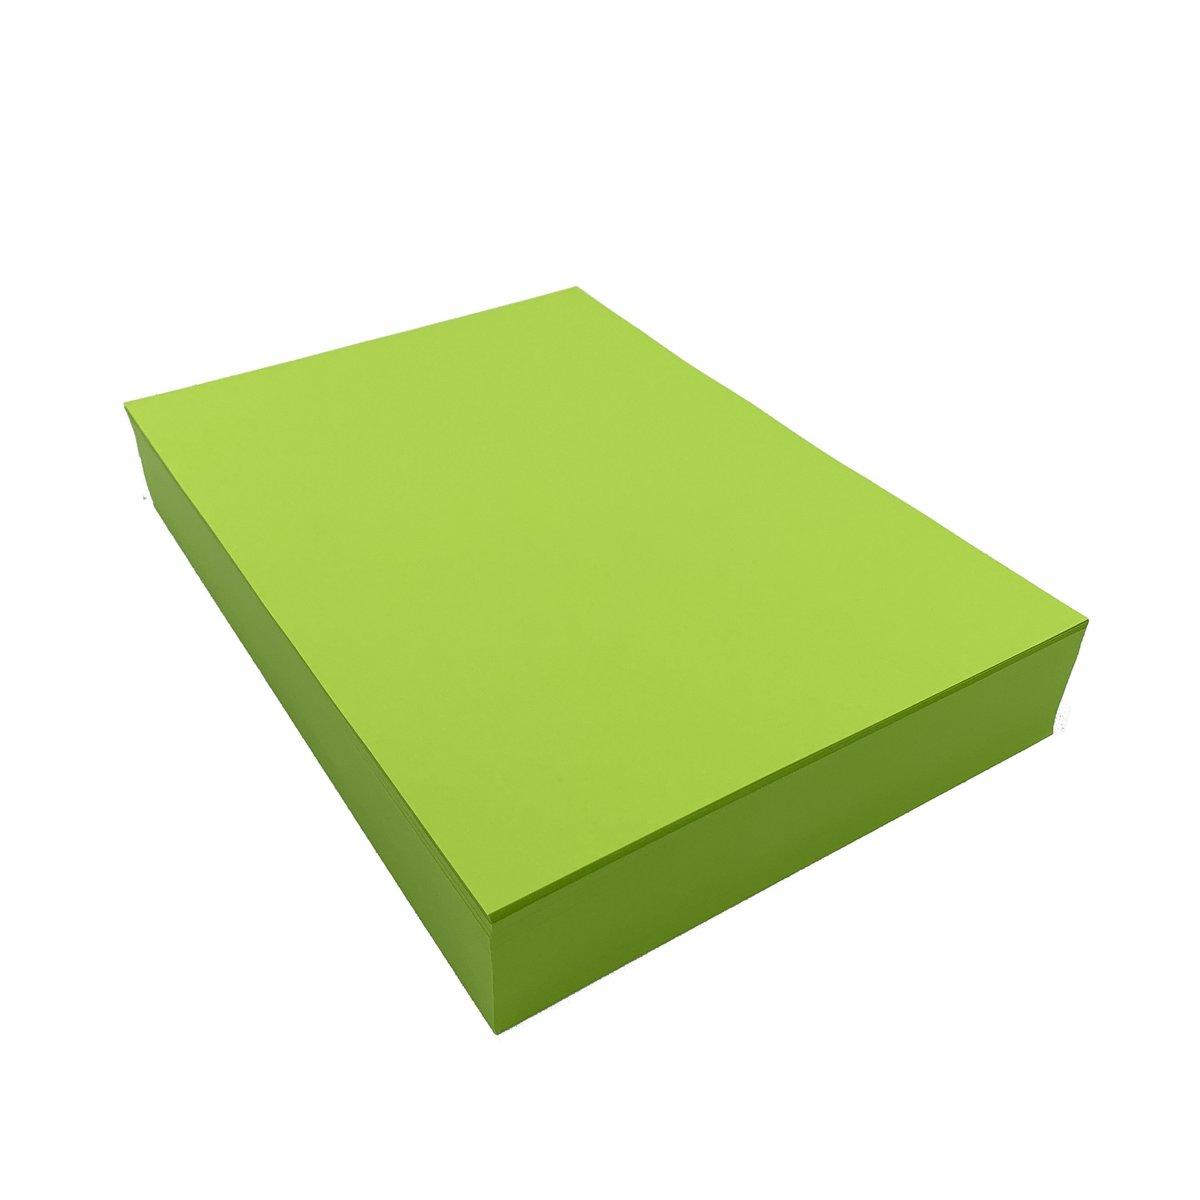 75克 A4 熒光色影印紙–綠 (500張)